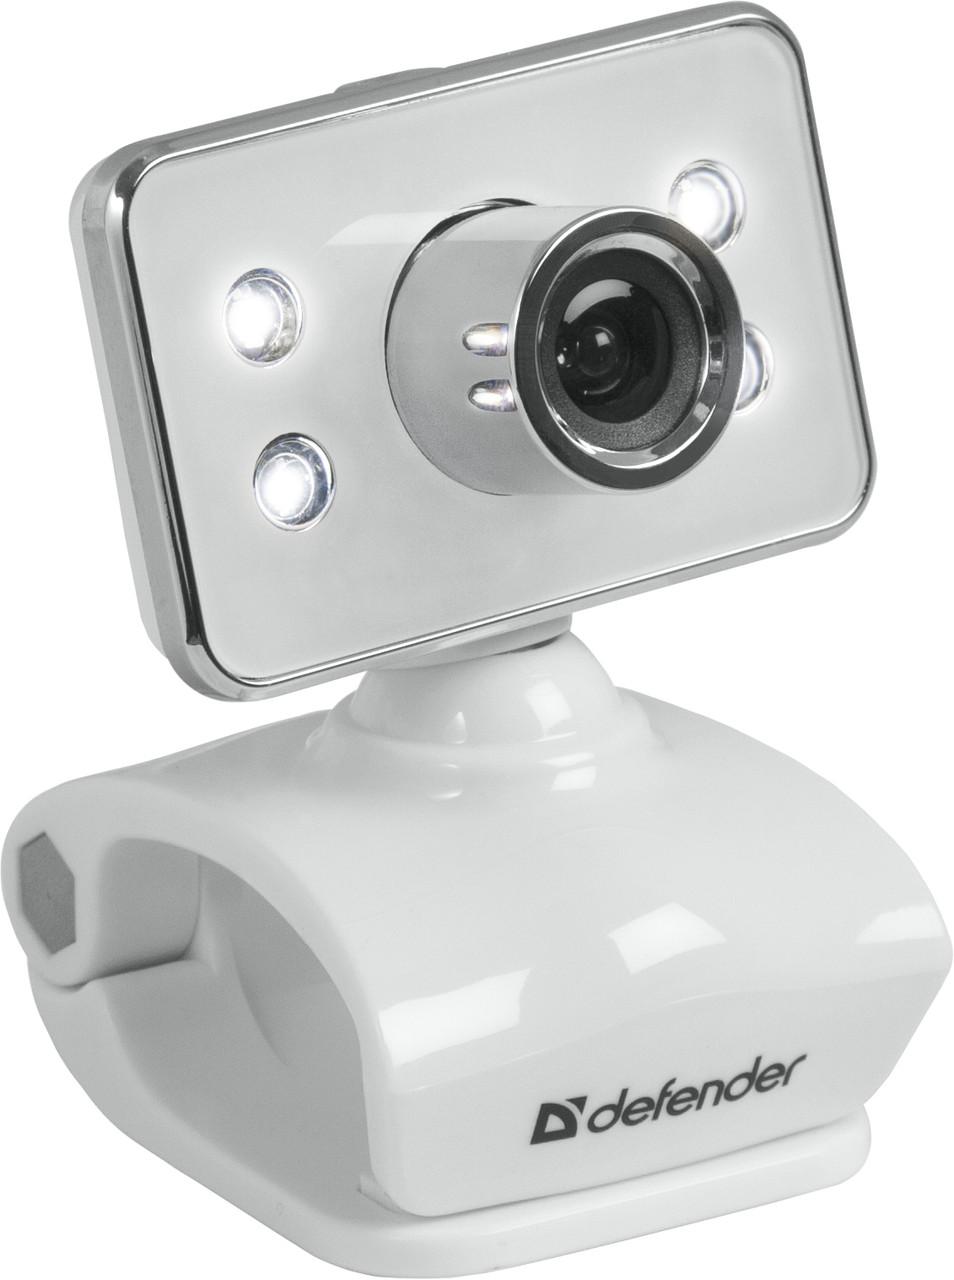 драйвер для веб-камеры defender g-lens 323